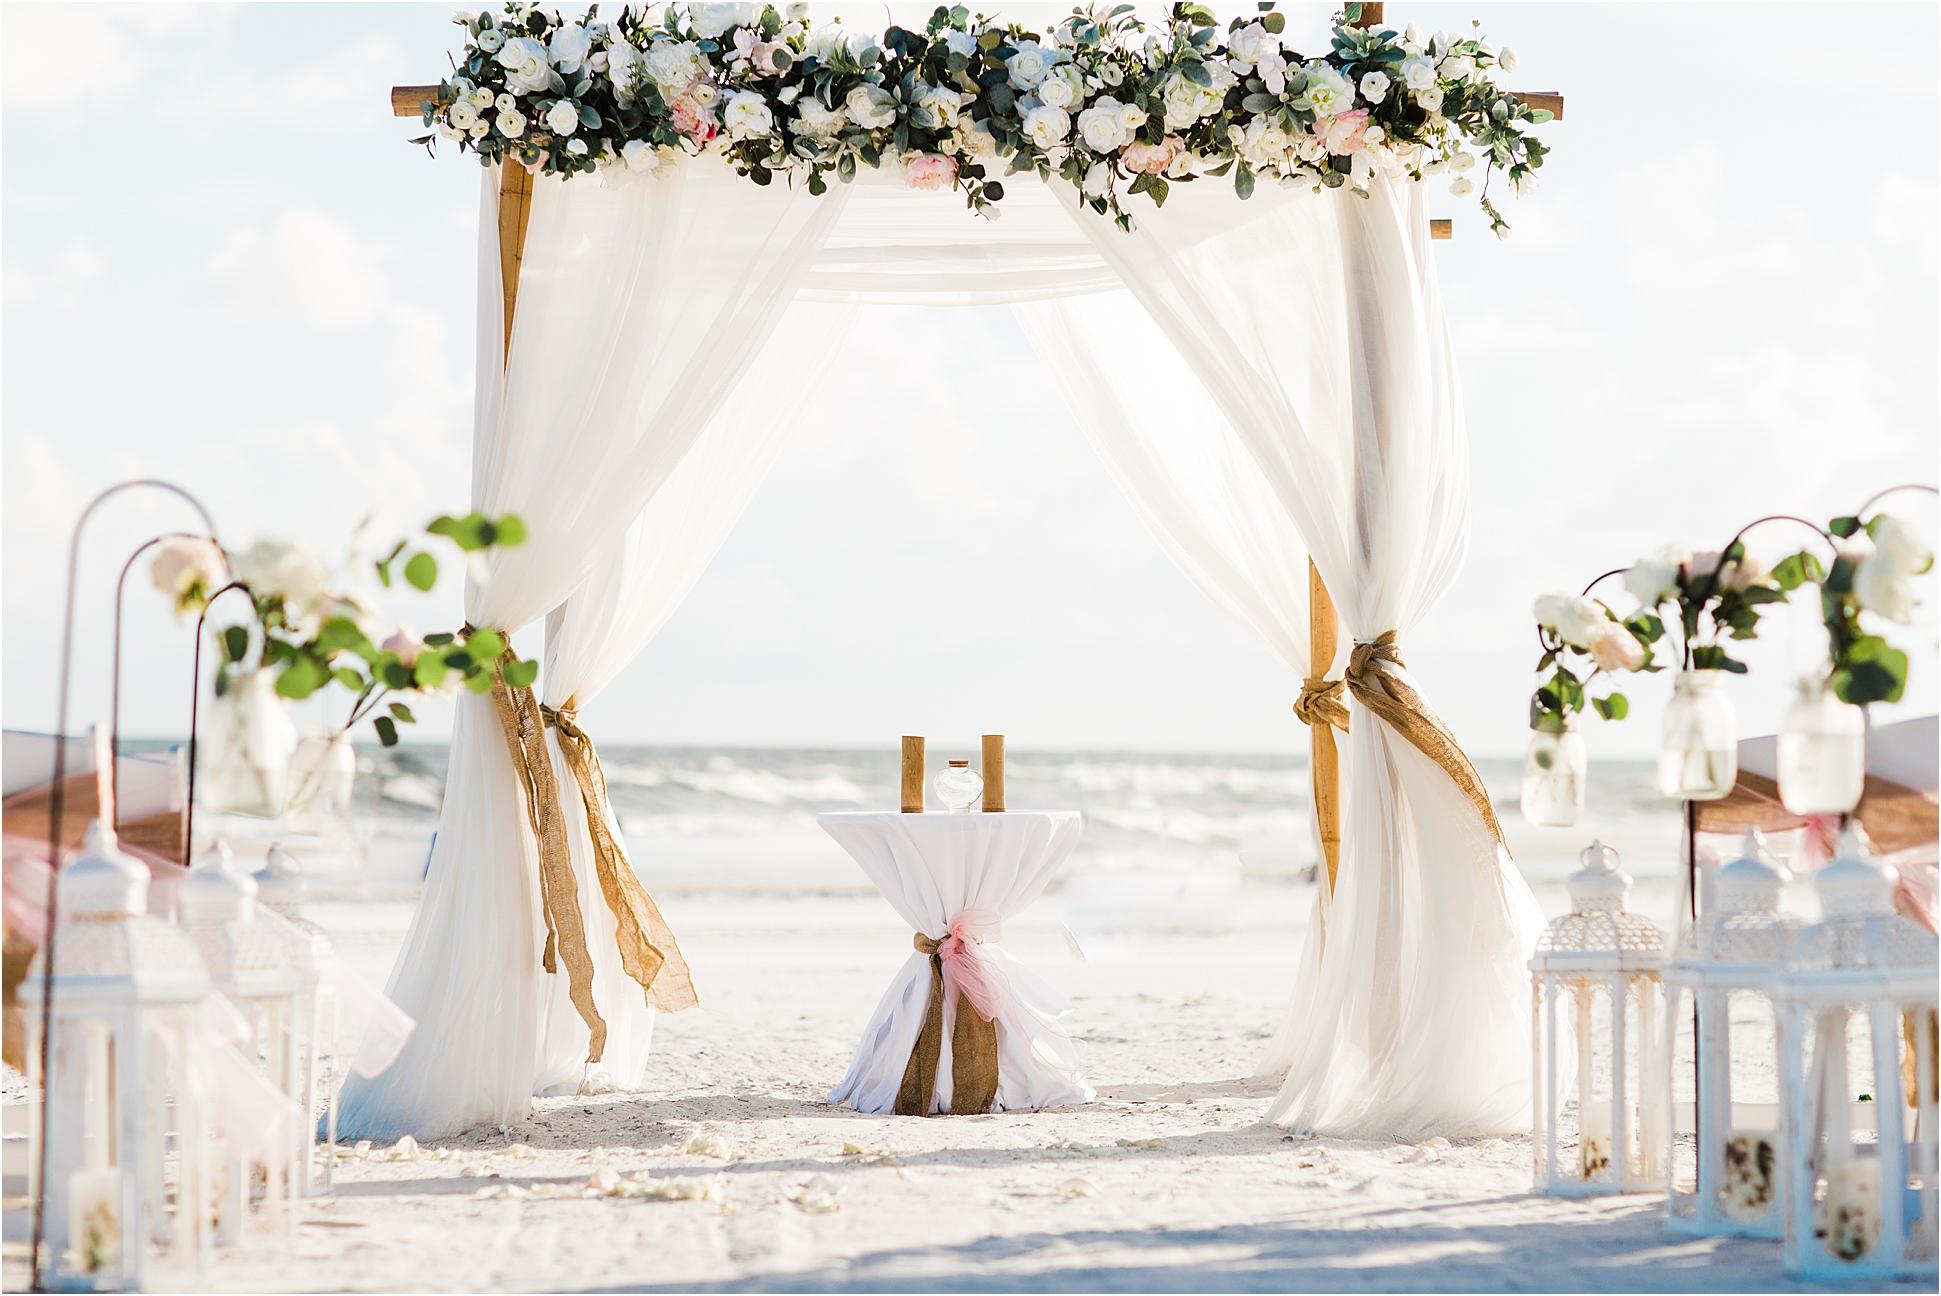 Wedding Arch Ideas for a beach wedding